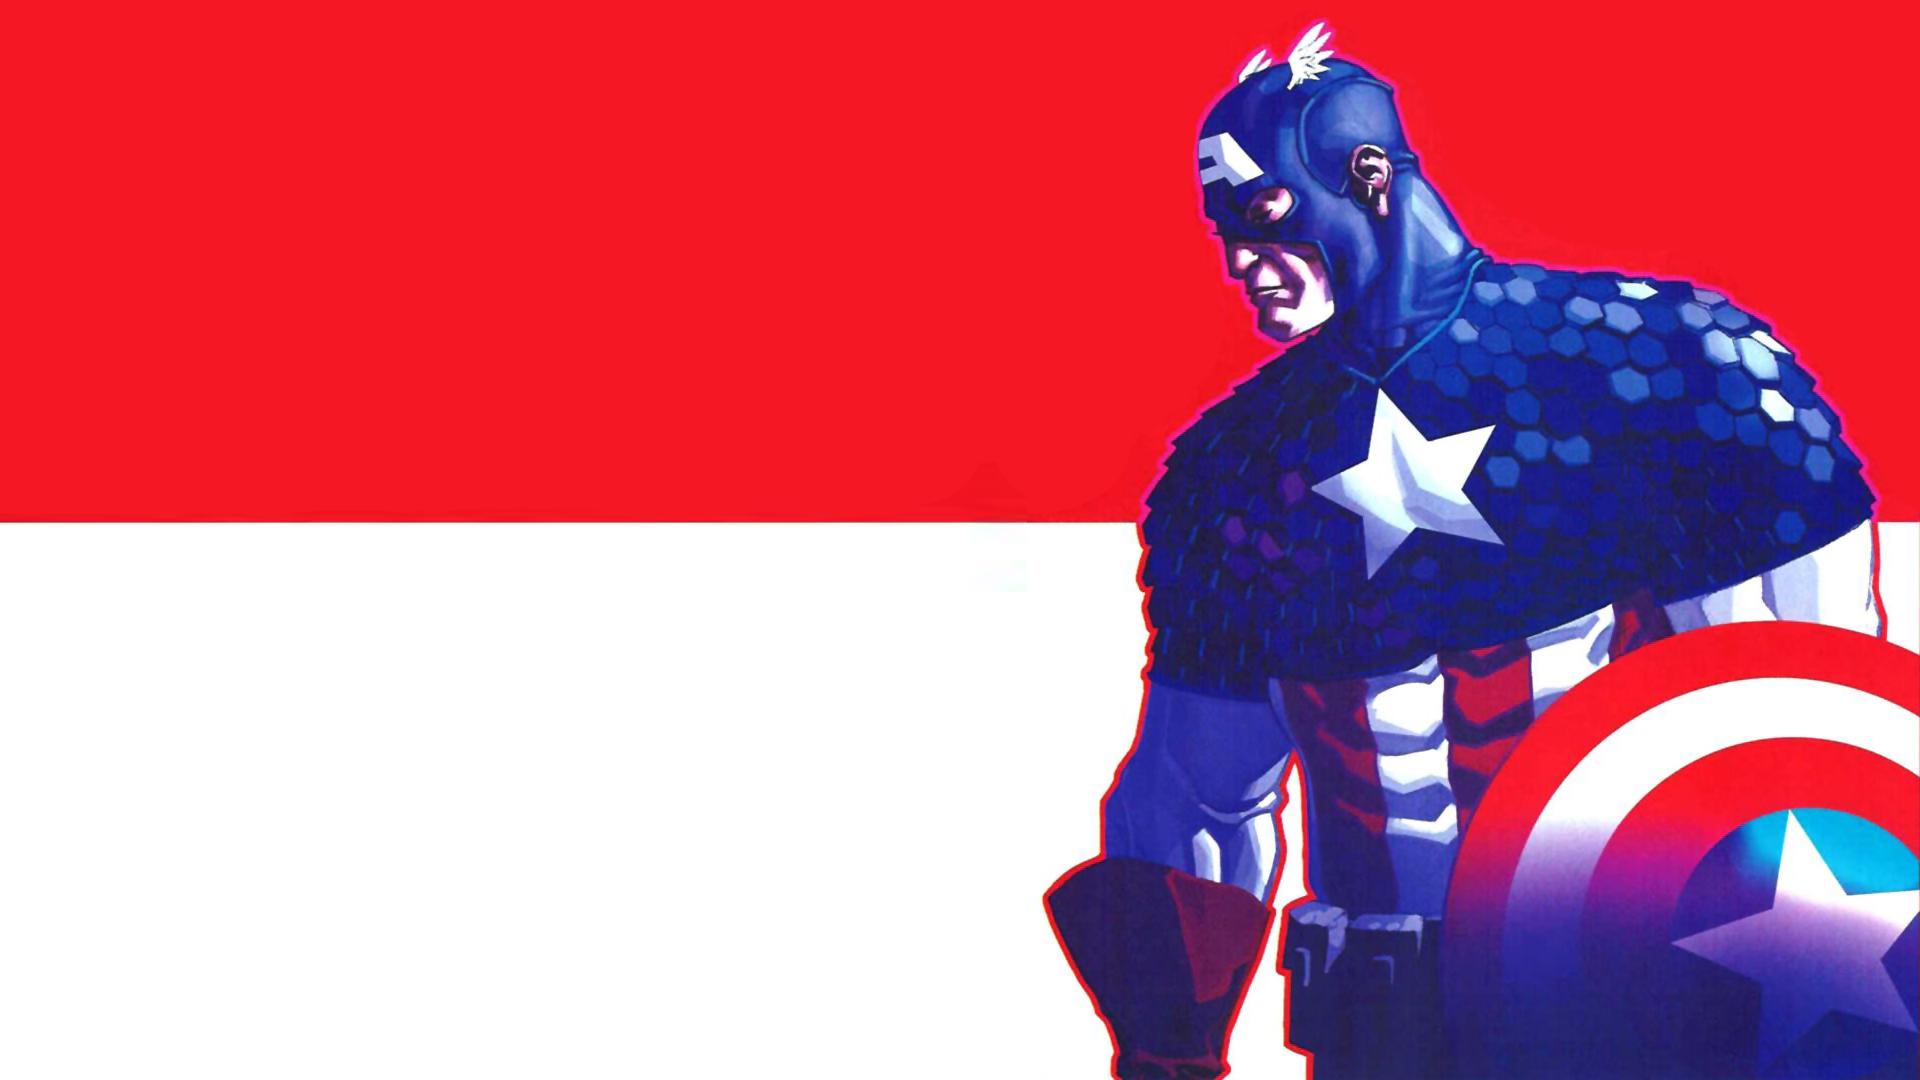 captain america wallpaper for desktop1 21 1920x1080